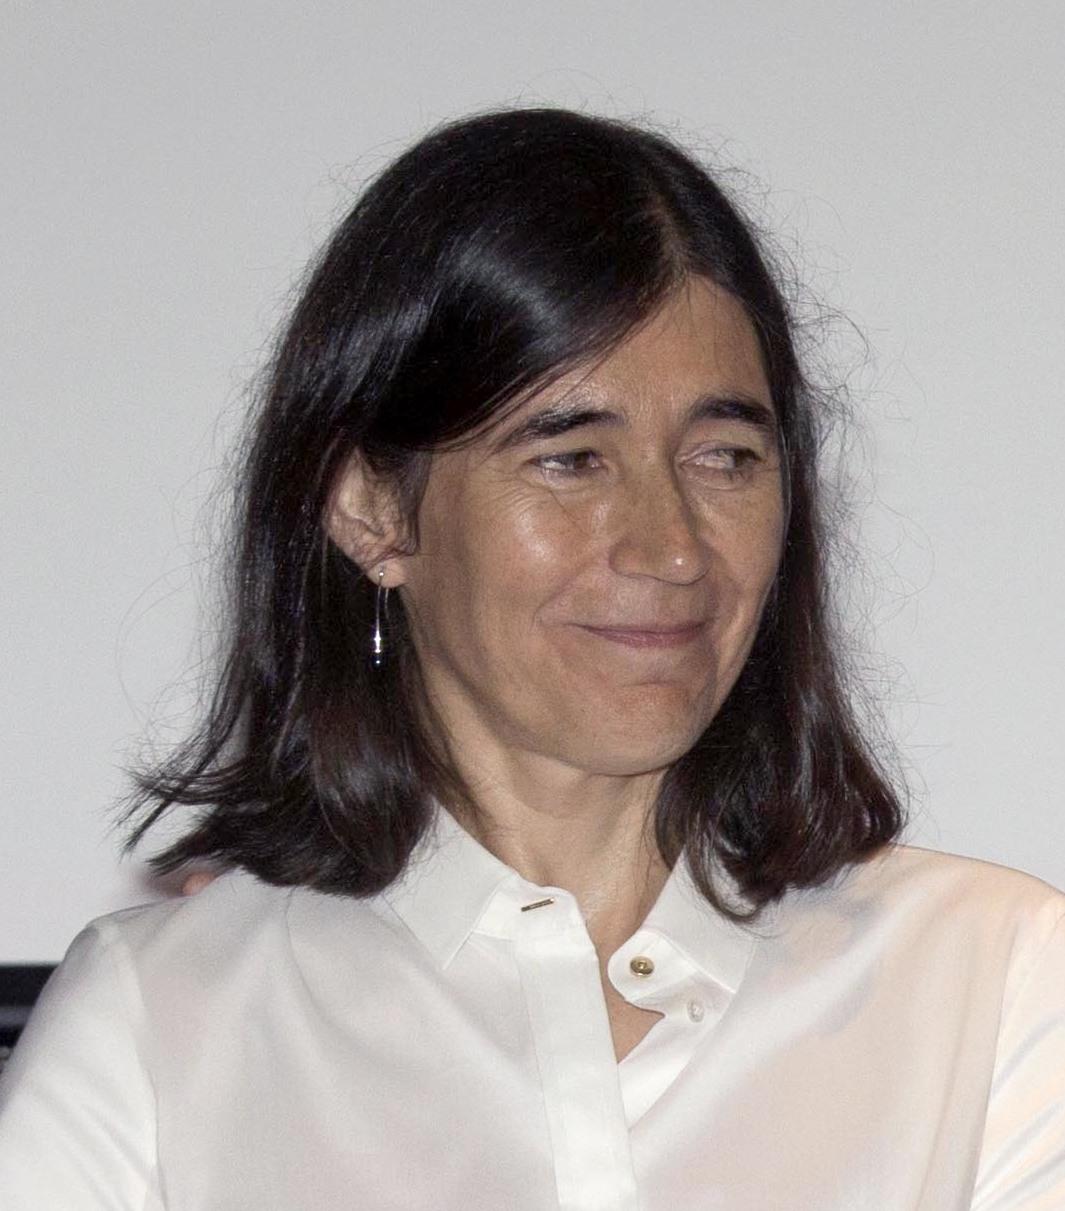 image of María Blasco Marhuenda